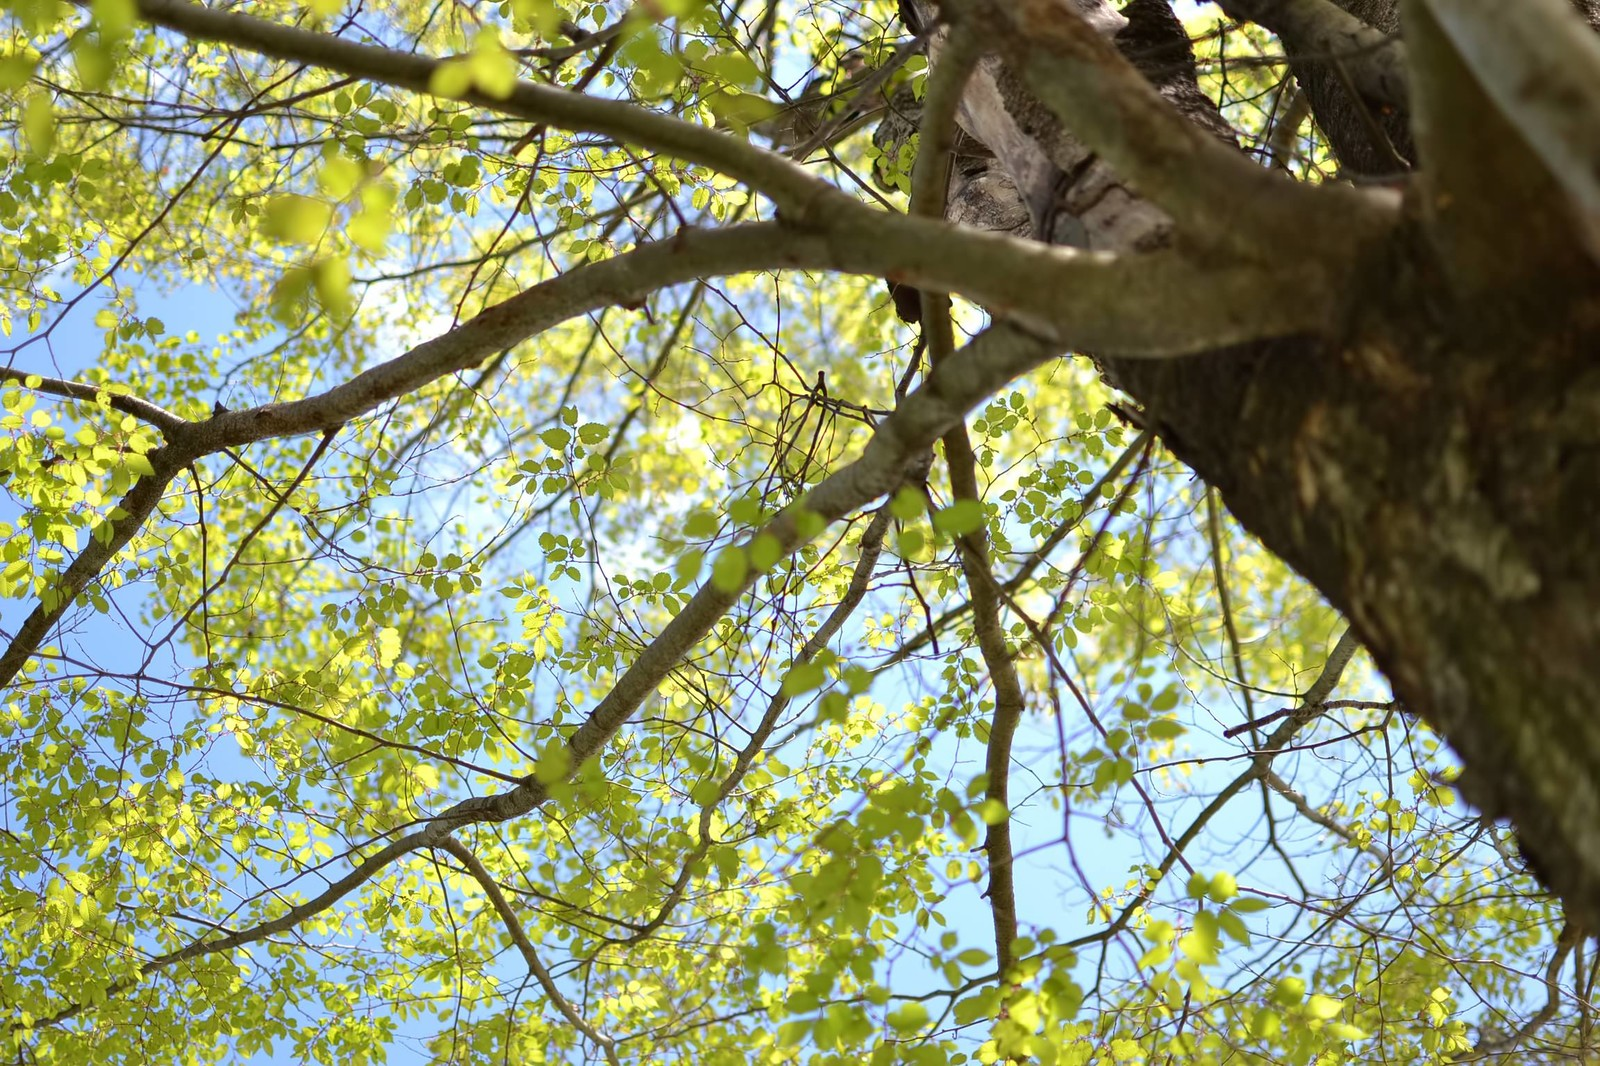 「見上げる木と美しい青空見上げる木と美しい青空」のフリー写真素材を拡大